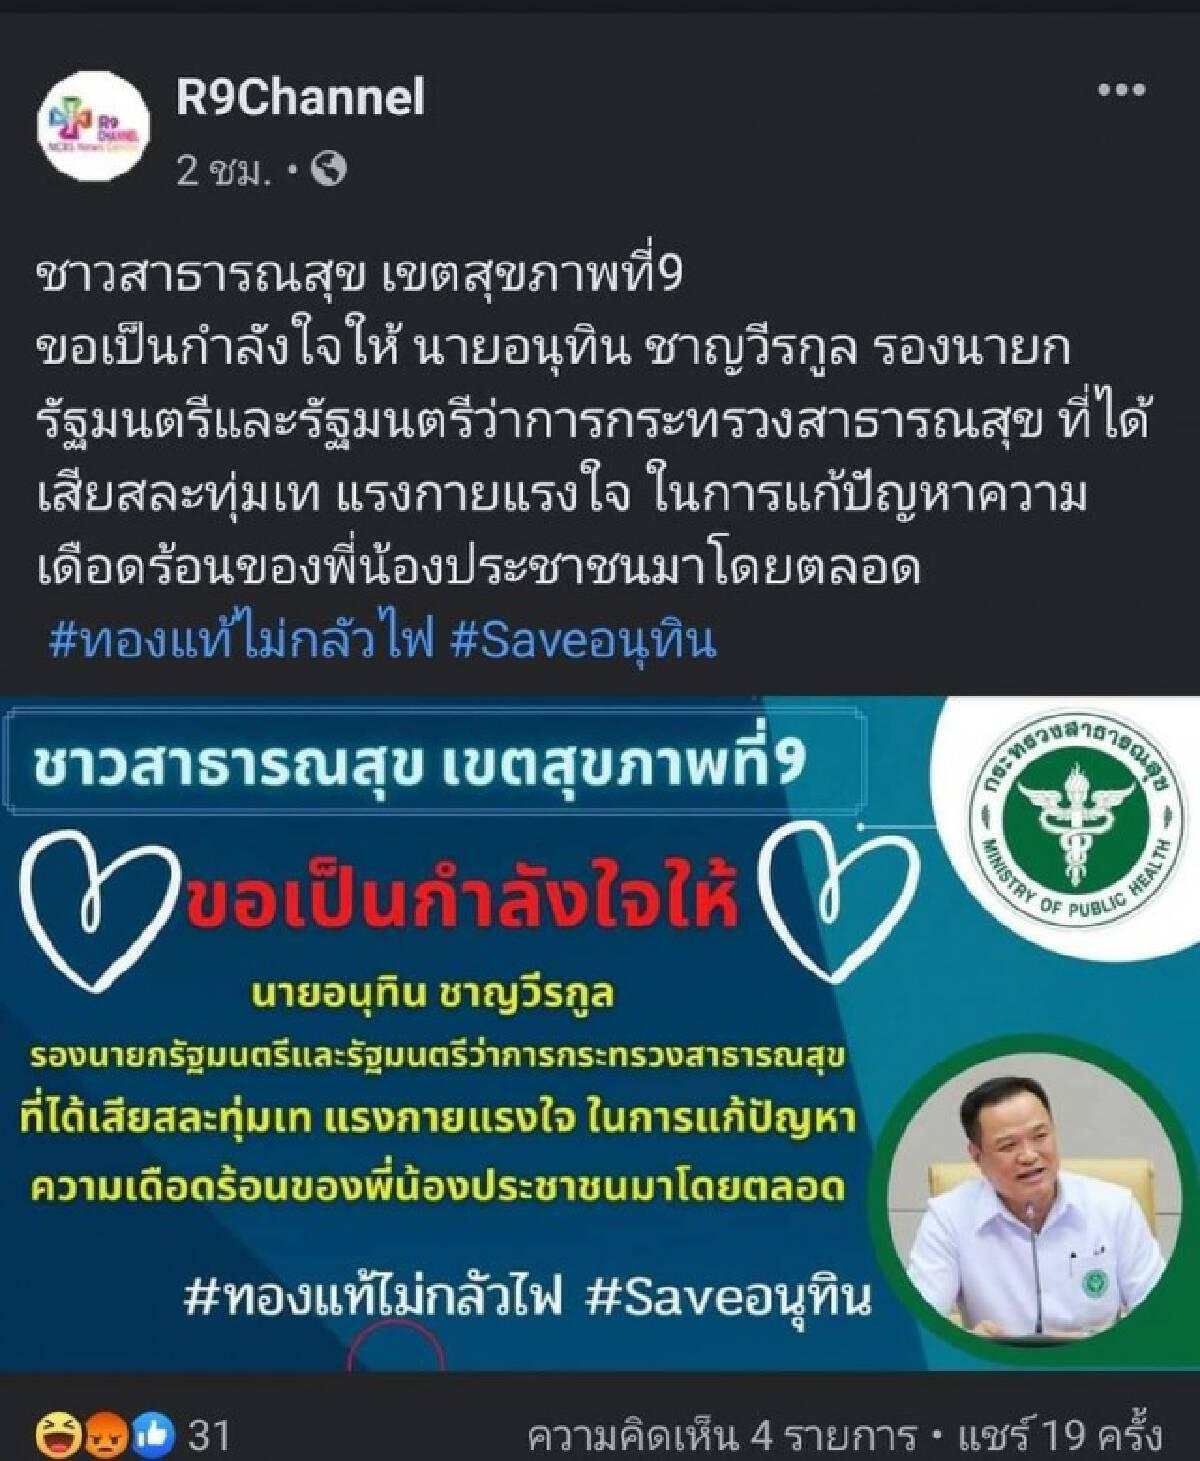 """เพจโรงพยาบาล ผุดแฮชแท็ก #Saveอนุทิน - #ทองแท้ไม่กลัวไฟ สวนกระแสคนไล่ """"อนุทิน"""""""